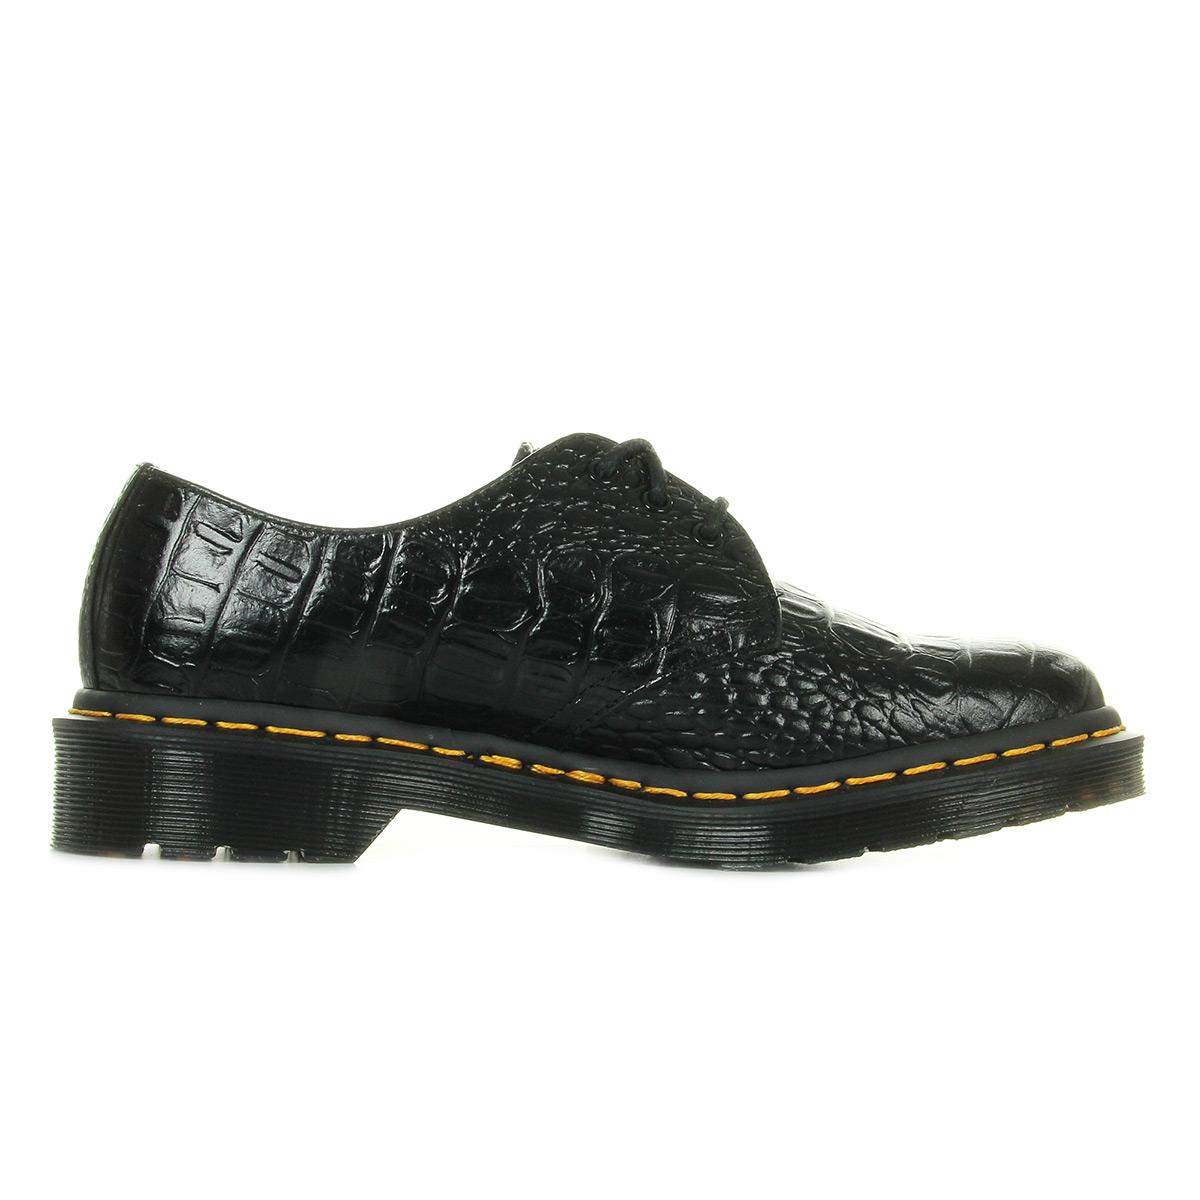 Dr. Martens 1461 Croc Black 23550001, Ville femme